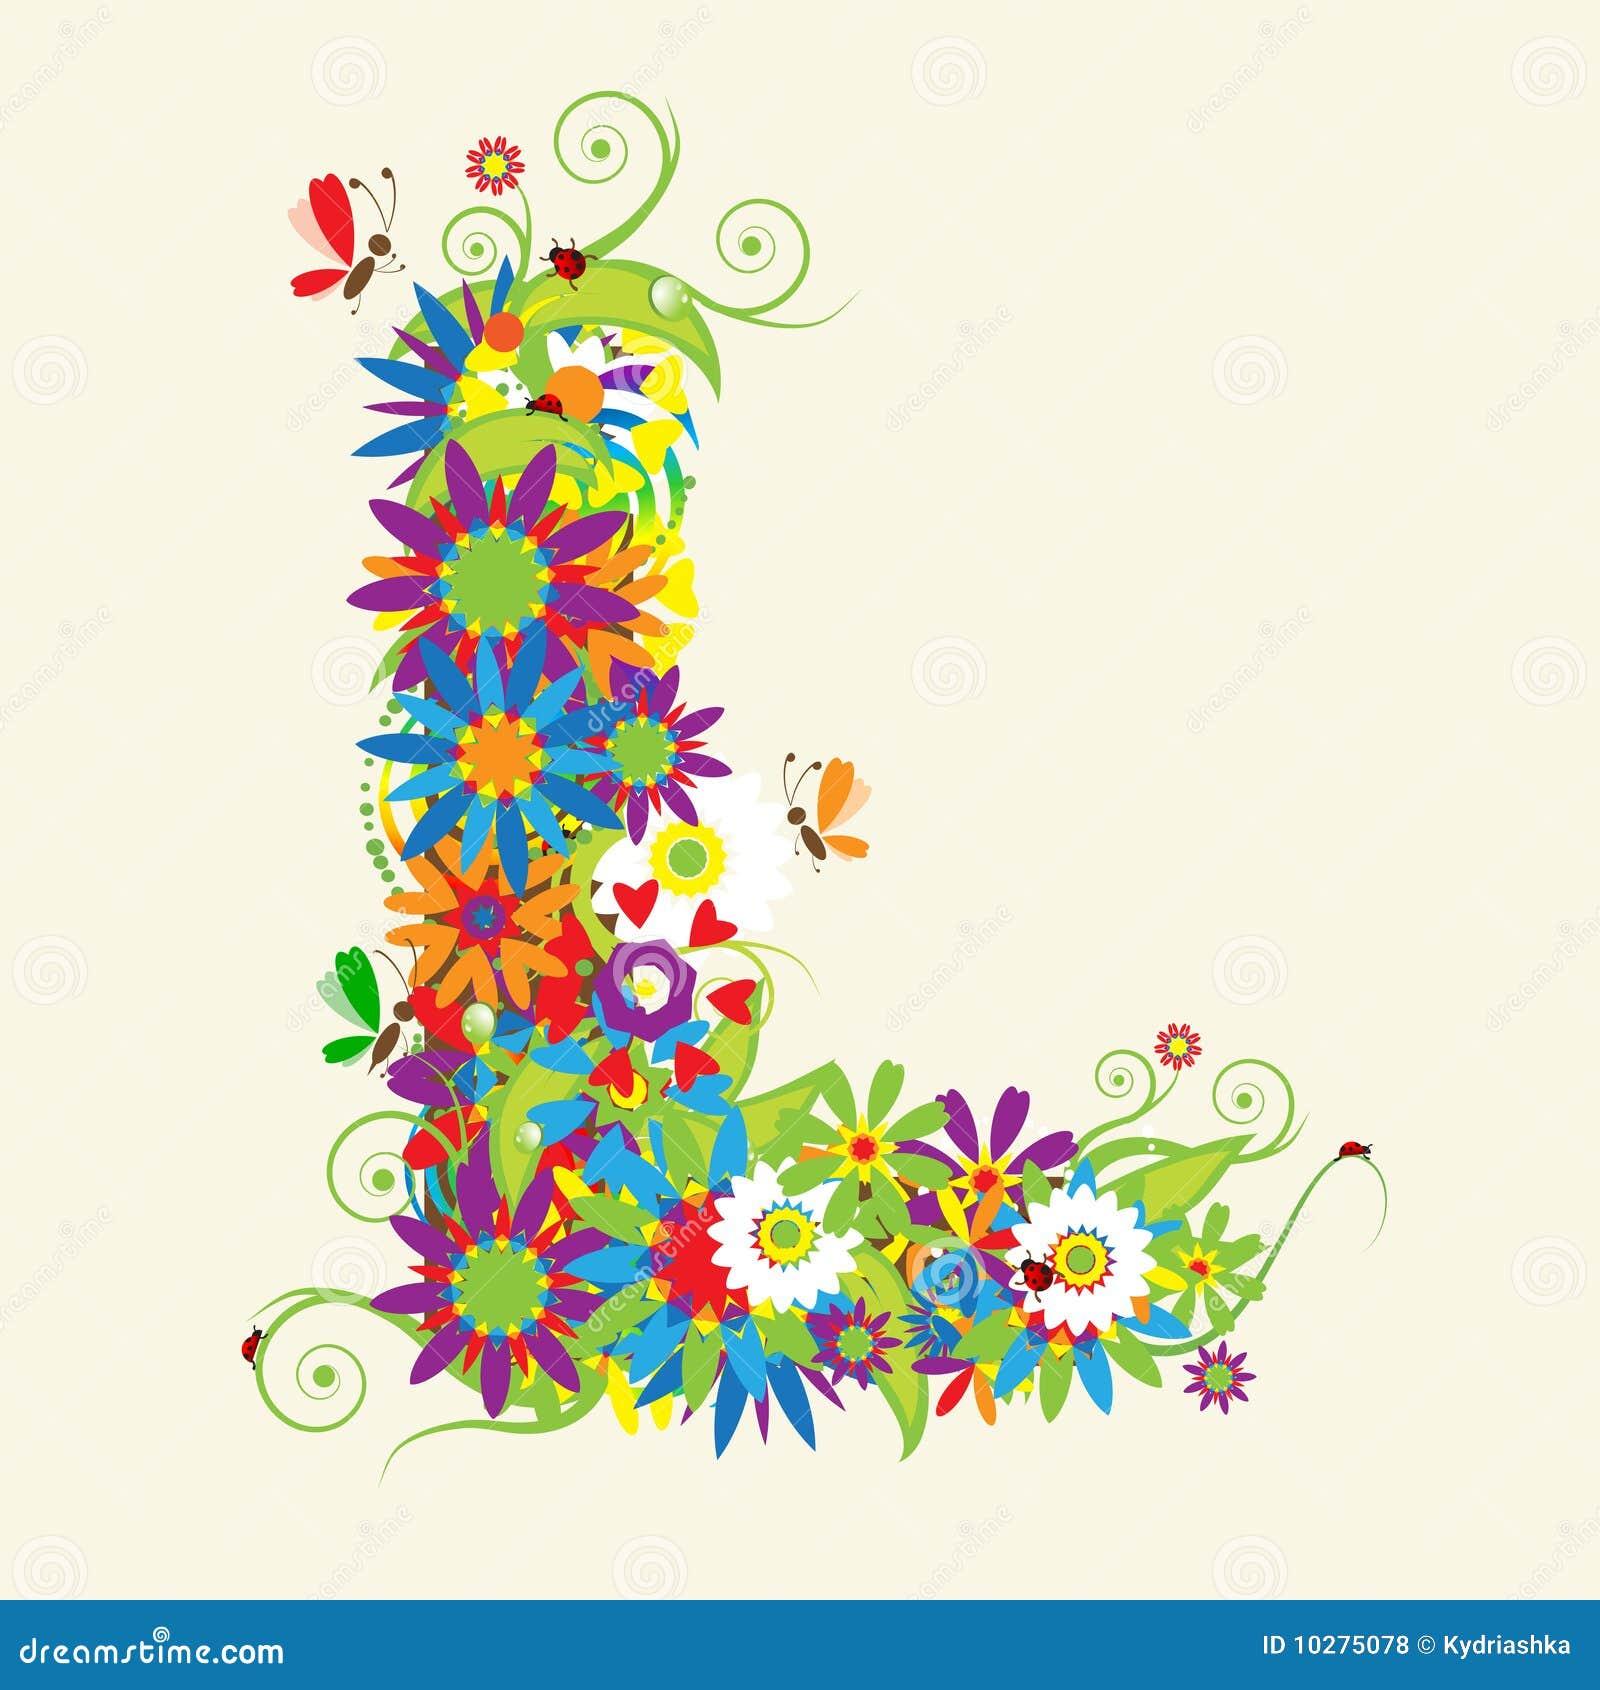 Oslikaj slova  azbuke - Page 11 Letter-l-floral-design-10275078